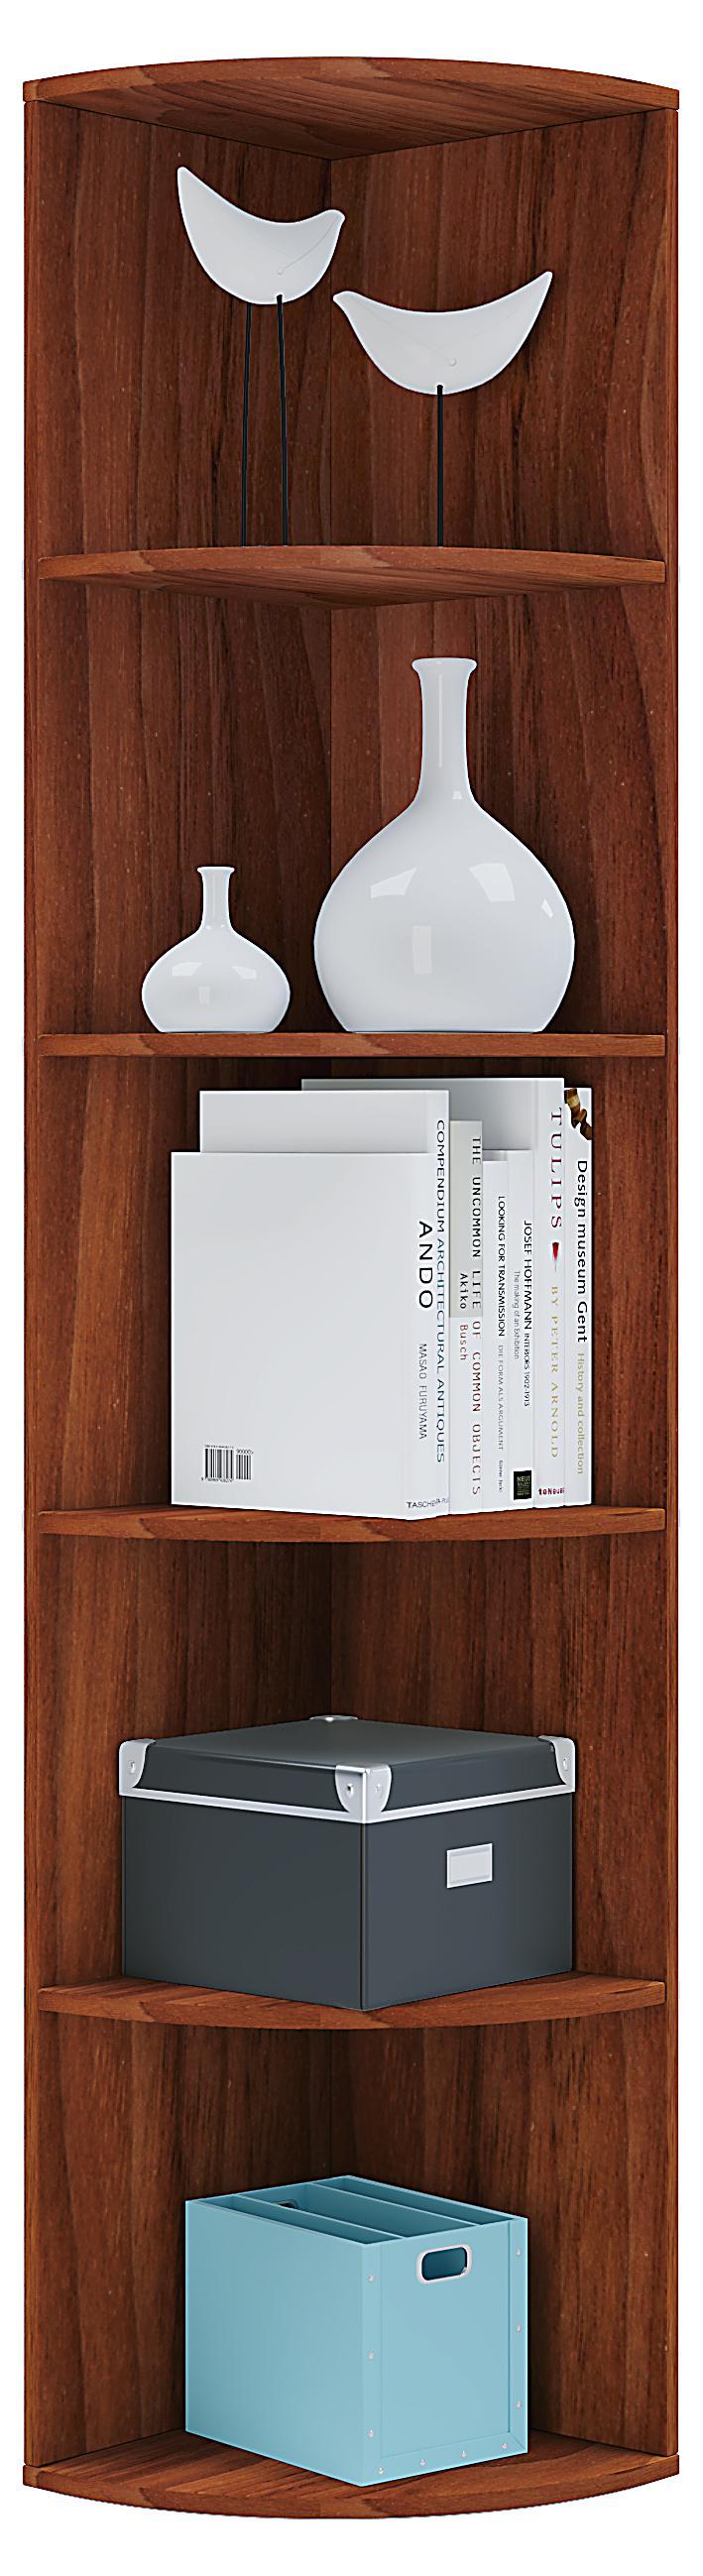 Niedlich Draht Regal Schrank Design Ideen Galerie - Schaltplan Serie ...